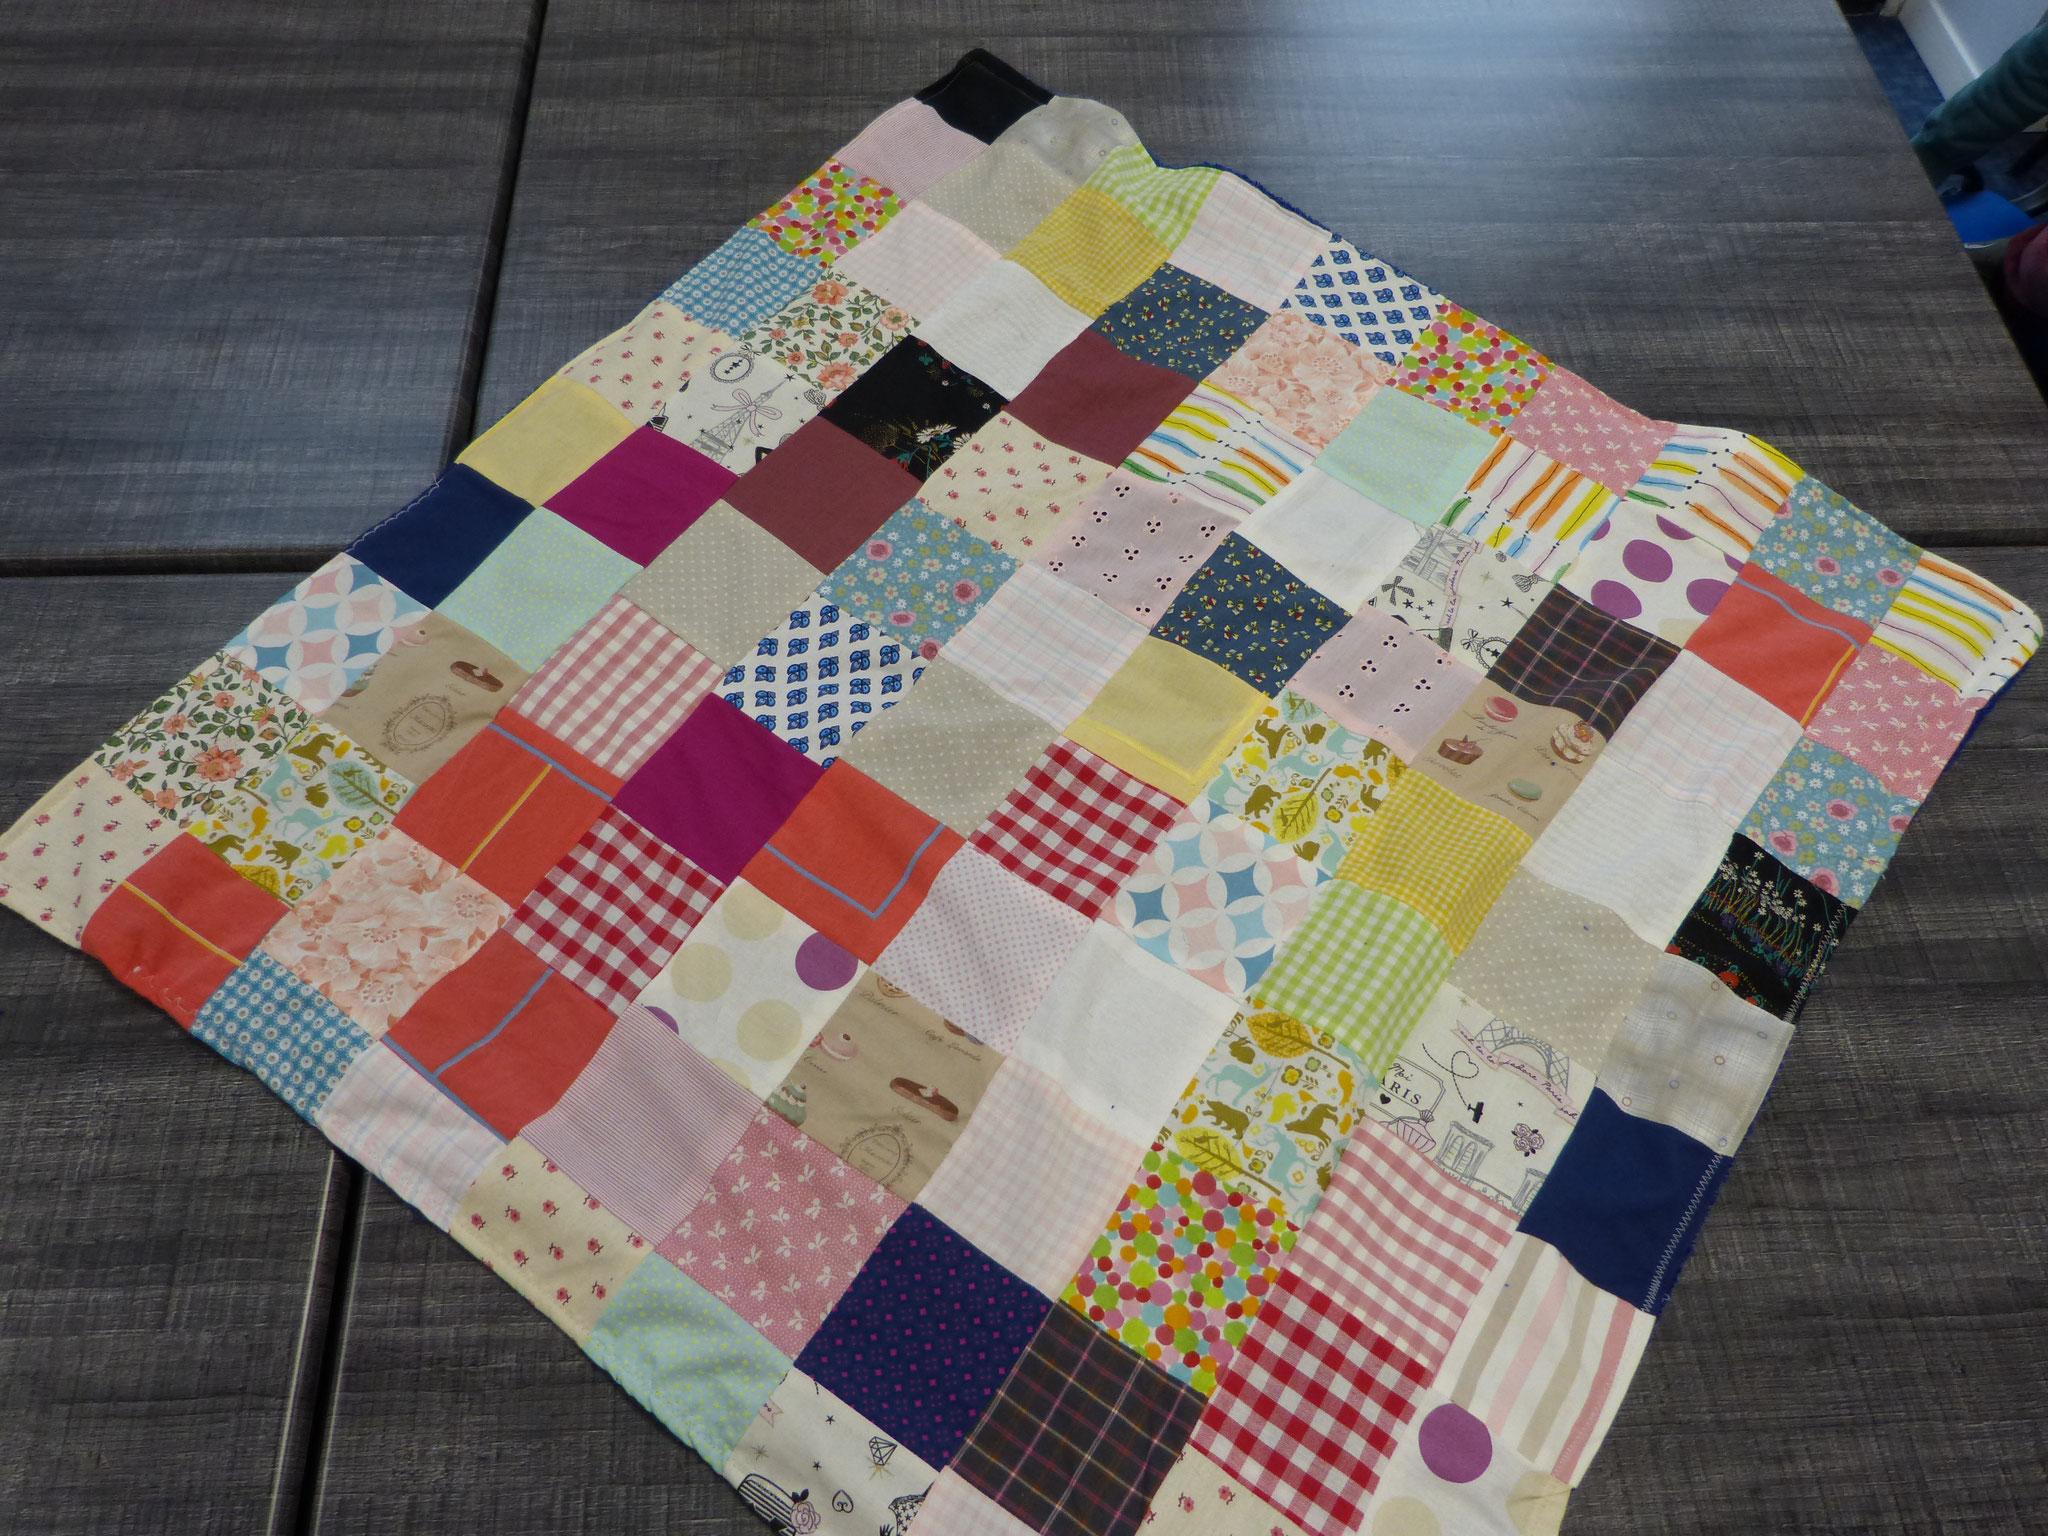 Toutes les idées sont bonnes - Plaid patchwork